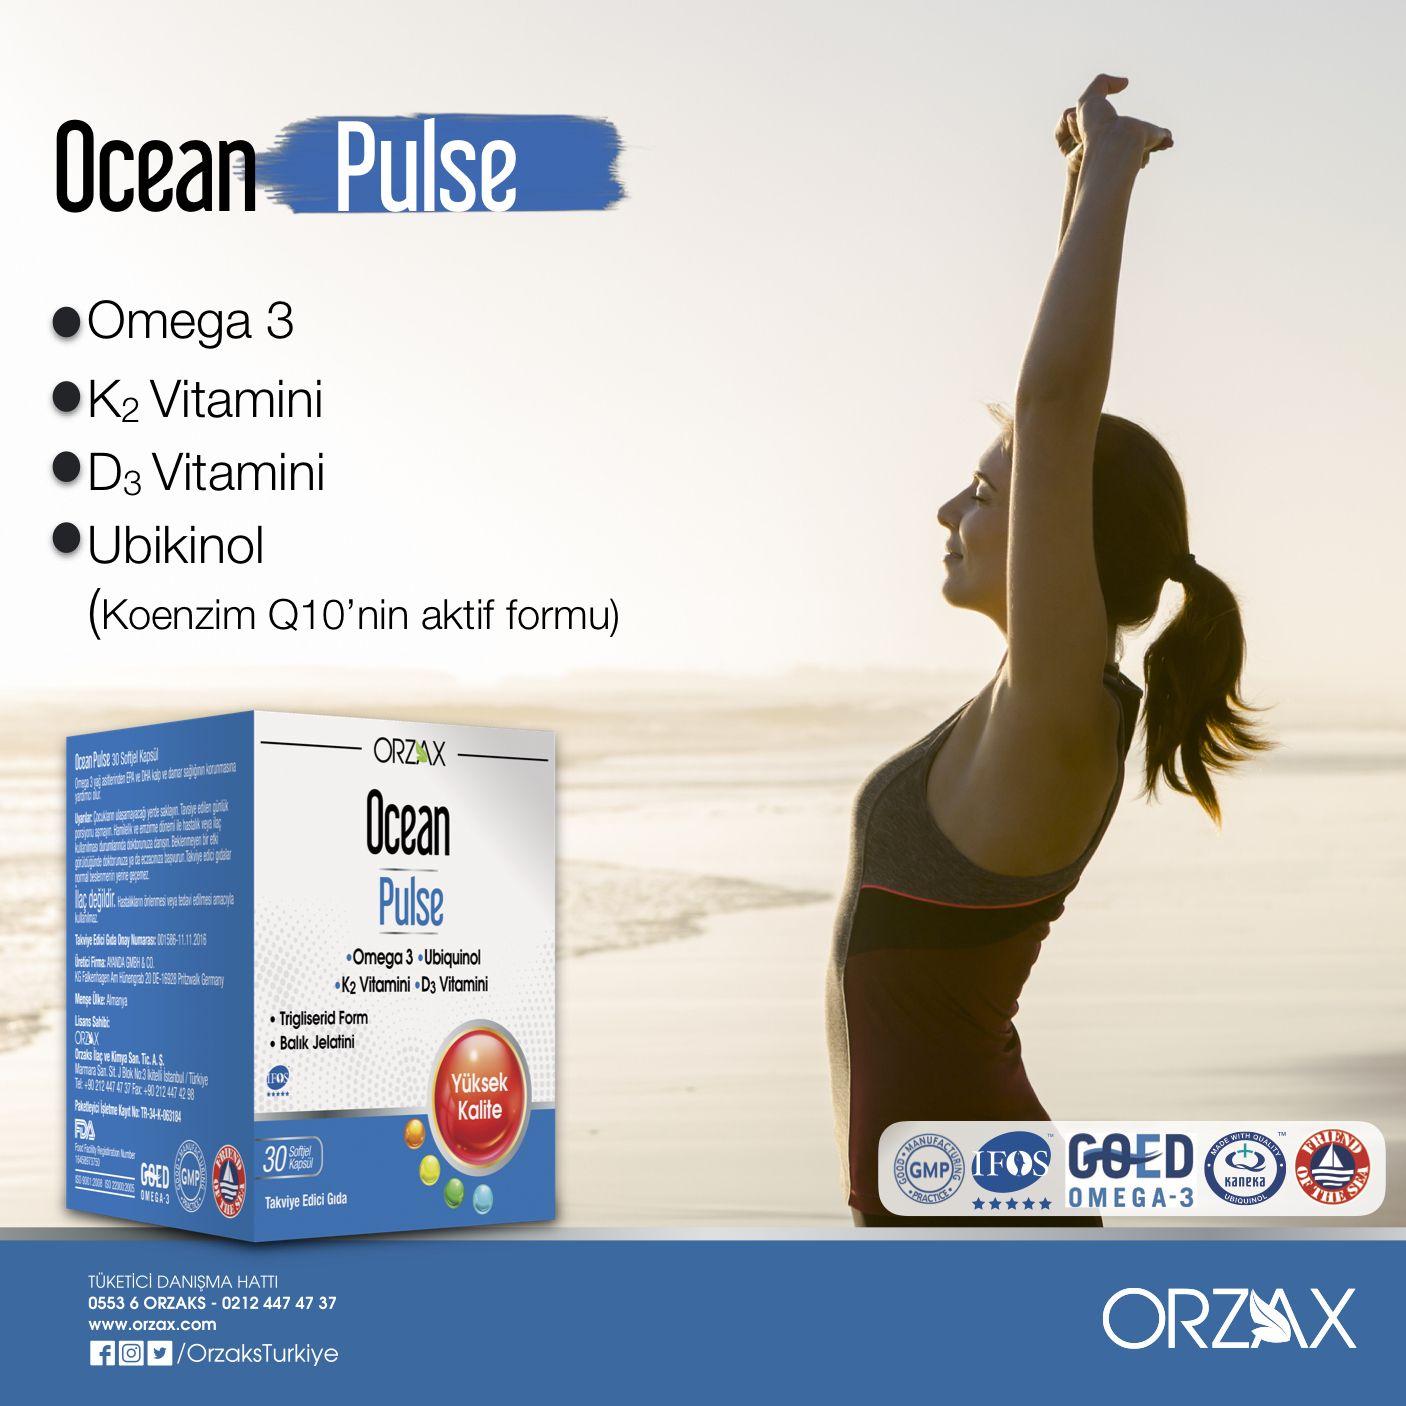 Ocean Pulse Omega 3 Yag Asitlerinden Epa Ve Dha Icerir Epa Ve Dha Kalp Ve Damar Sagliginin Korunmasina Yardimci Olur Ocean Pulse Ek O Ocean Dha Omega 3